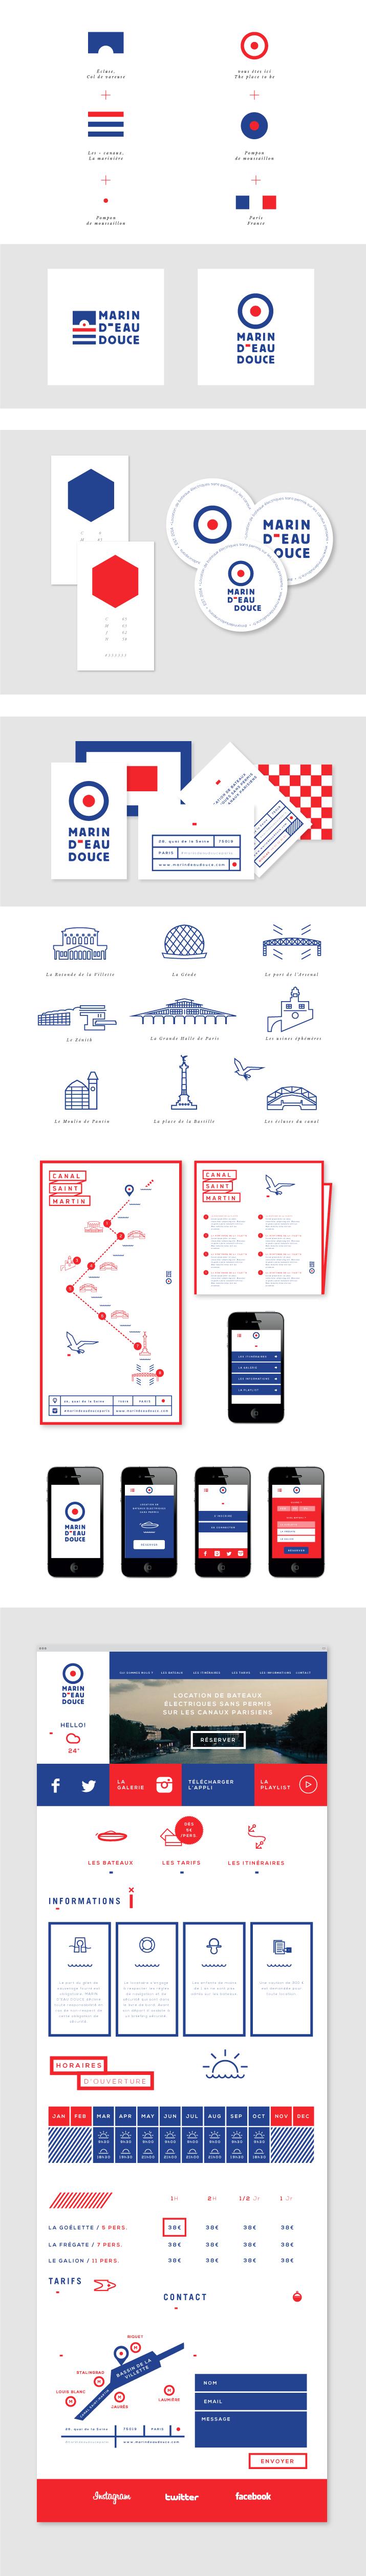 Projet d'identité graphique de la startup Marin d'eau douce - #identity #graphi...